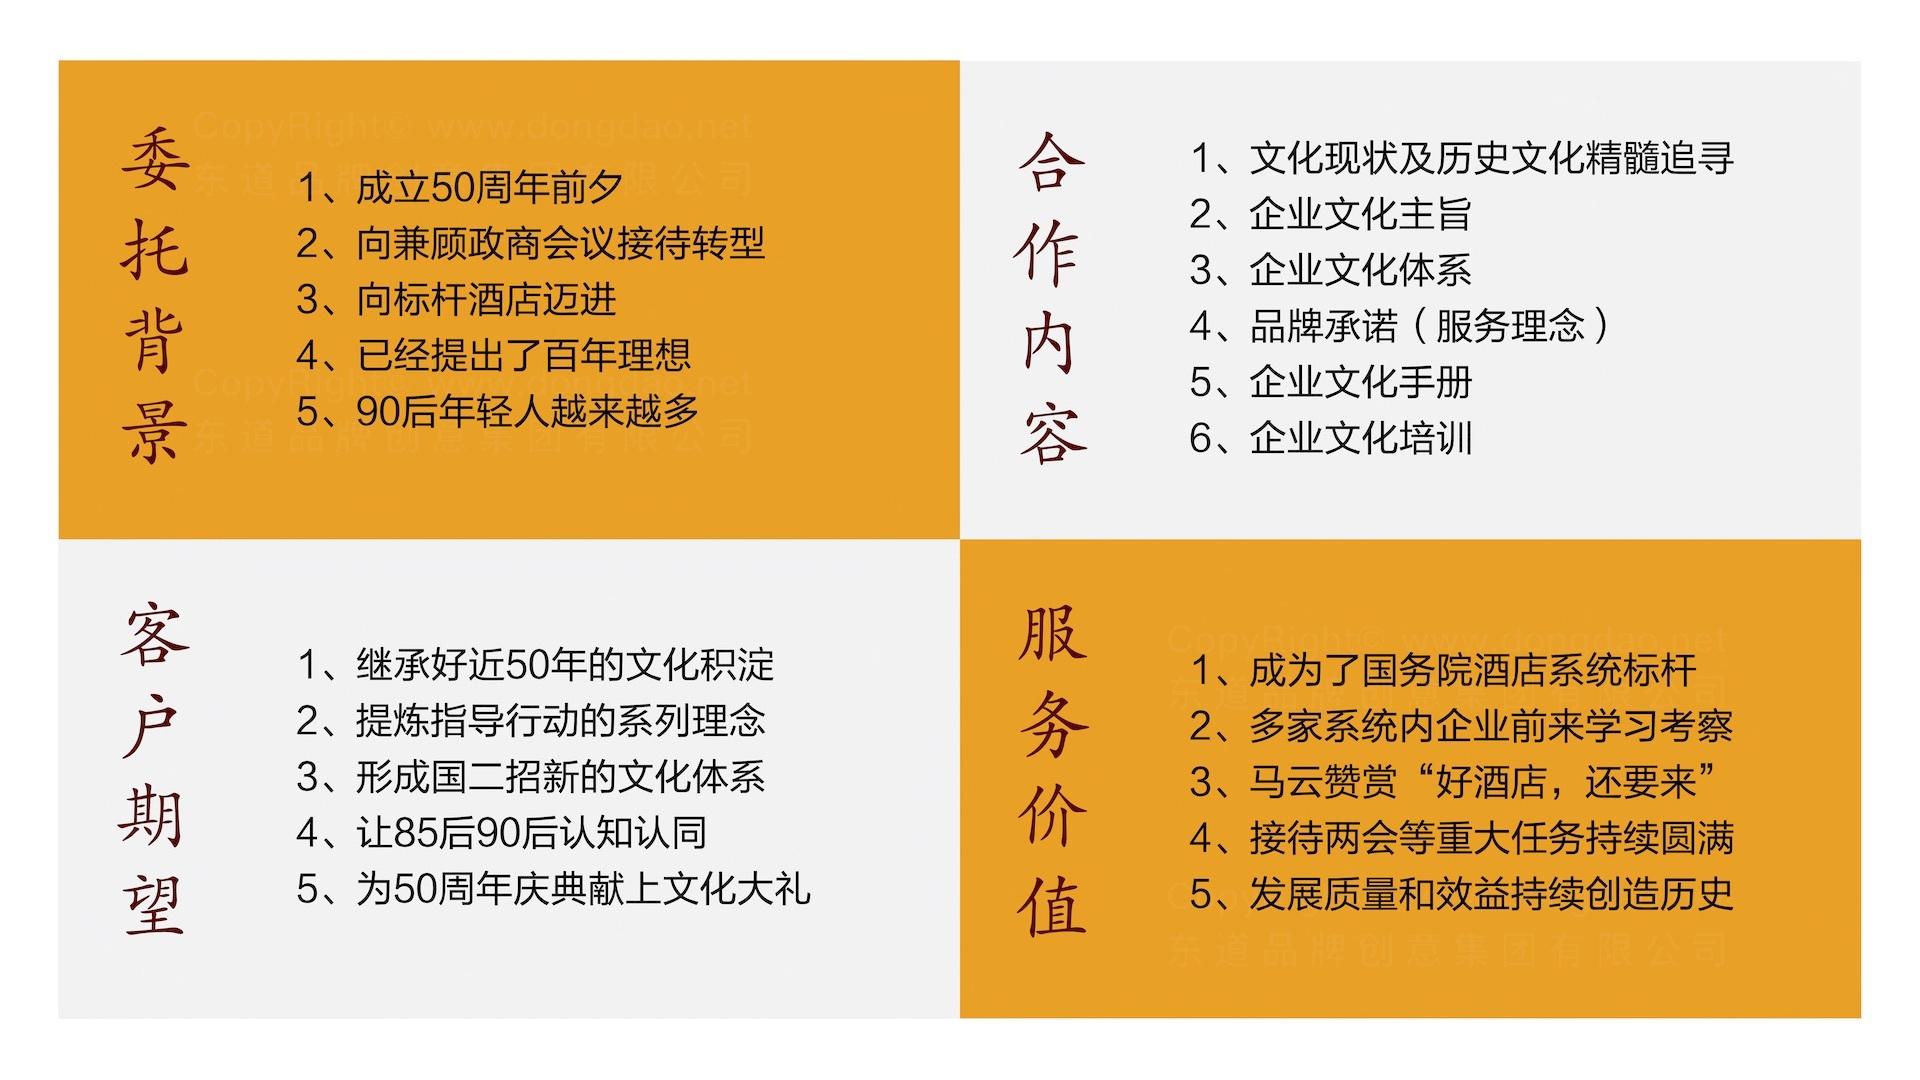 品牌战略&企业文化国二招企业文化体系方案应用